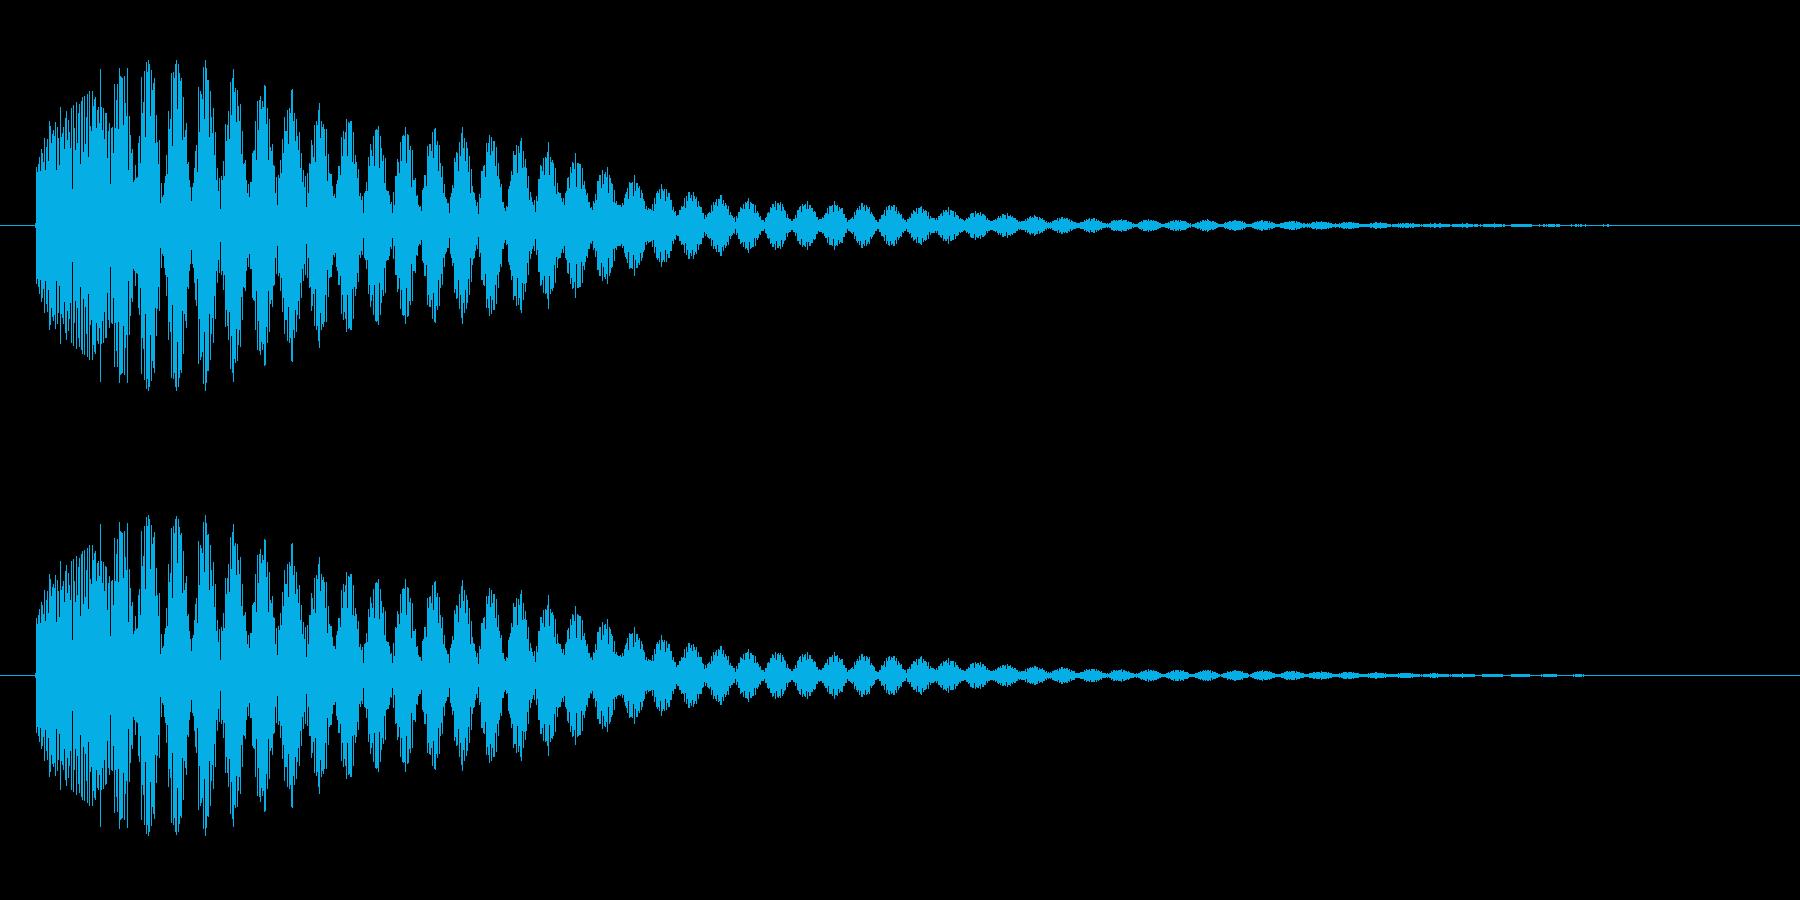 ピ〜ン(エレベーターの到着チャイム音)の再生済みの波形